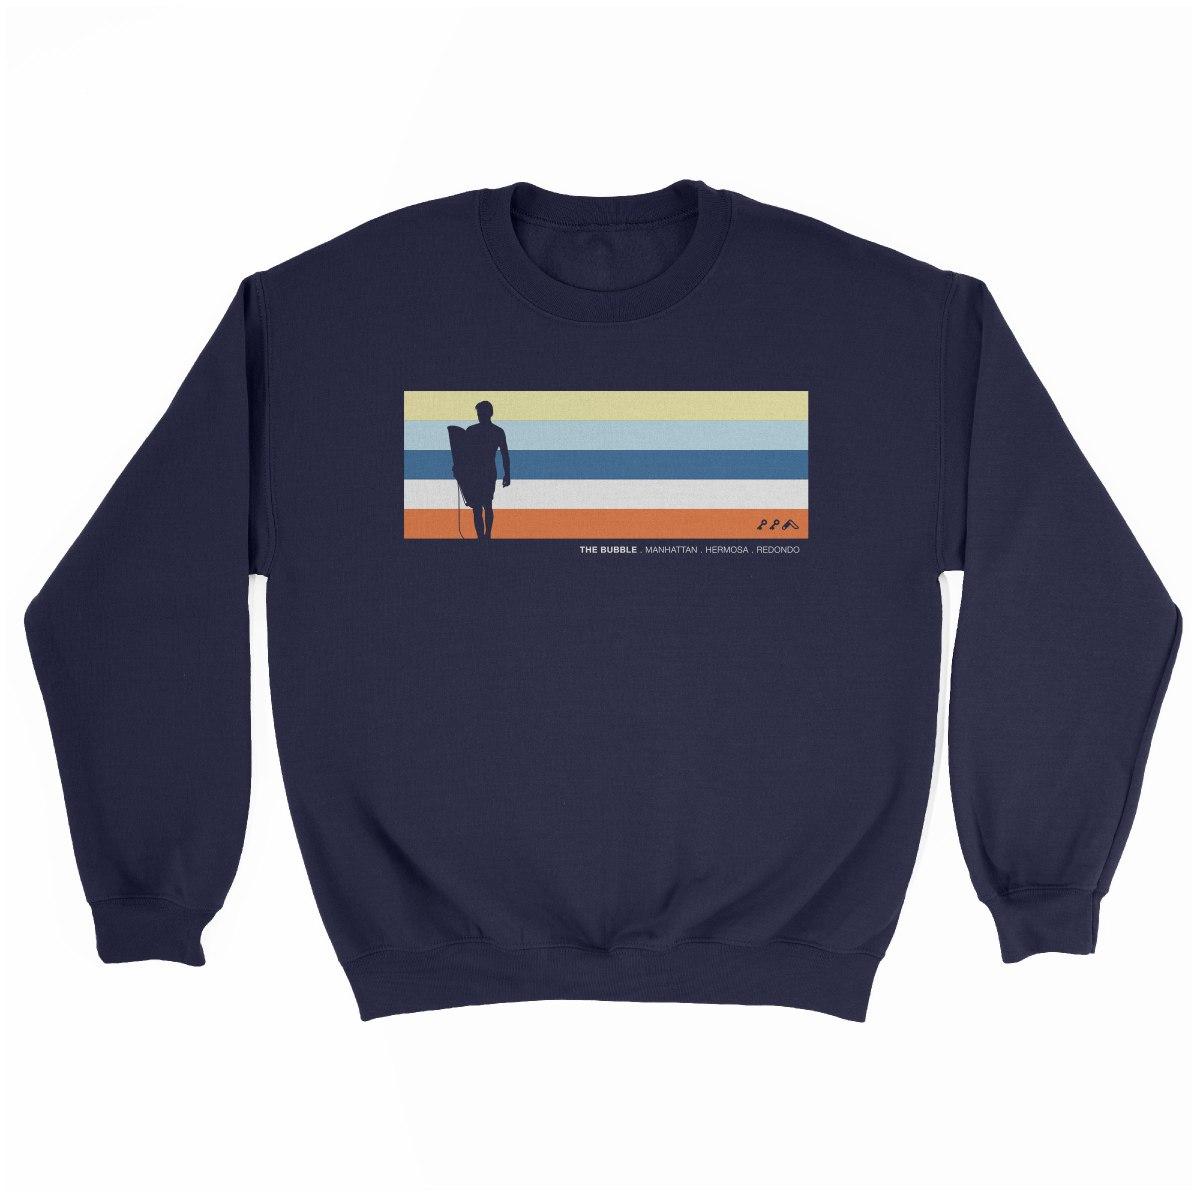 the bubble redondo hermosa manhattan beach sweatshirt in navy by kikicutt sweatshirt store